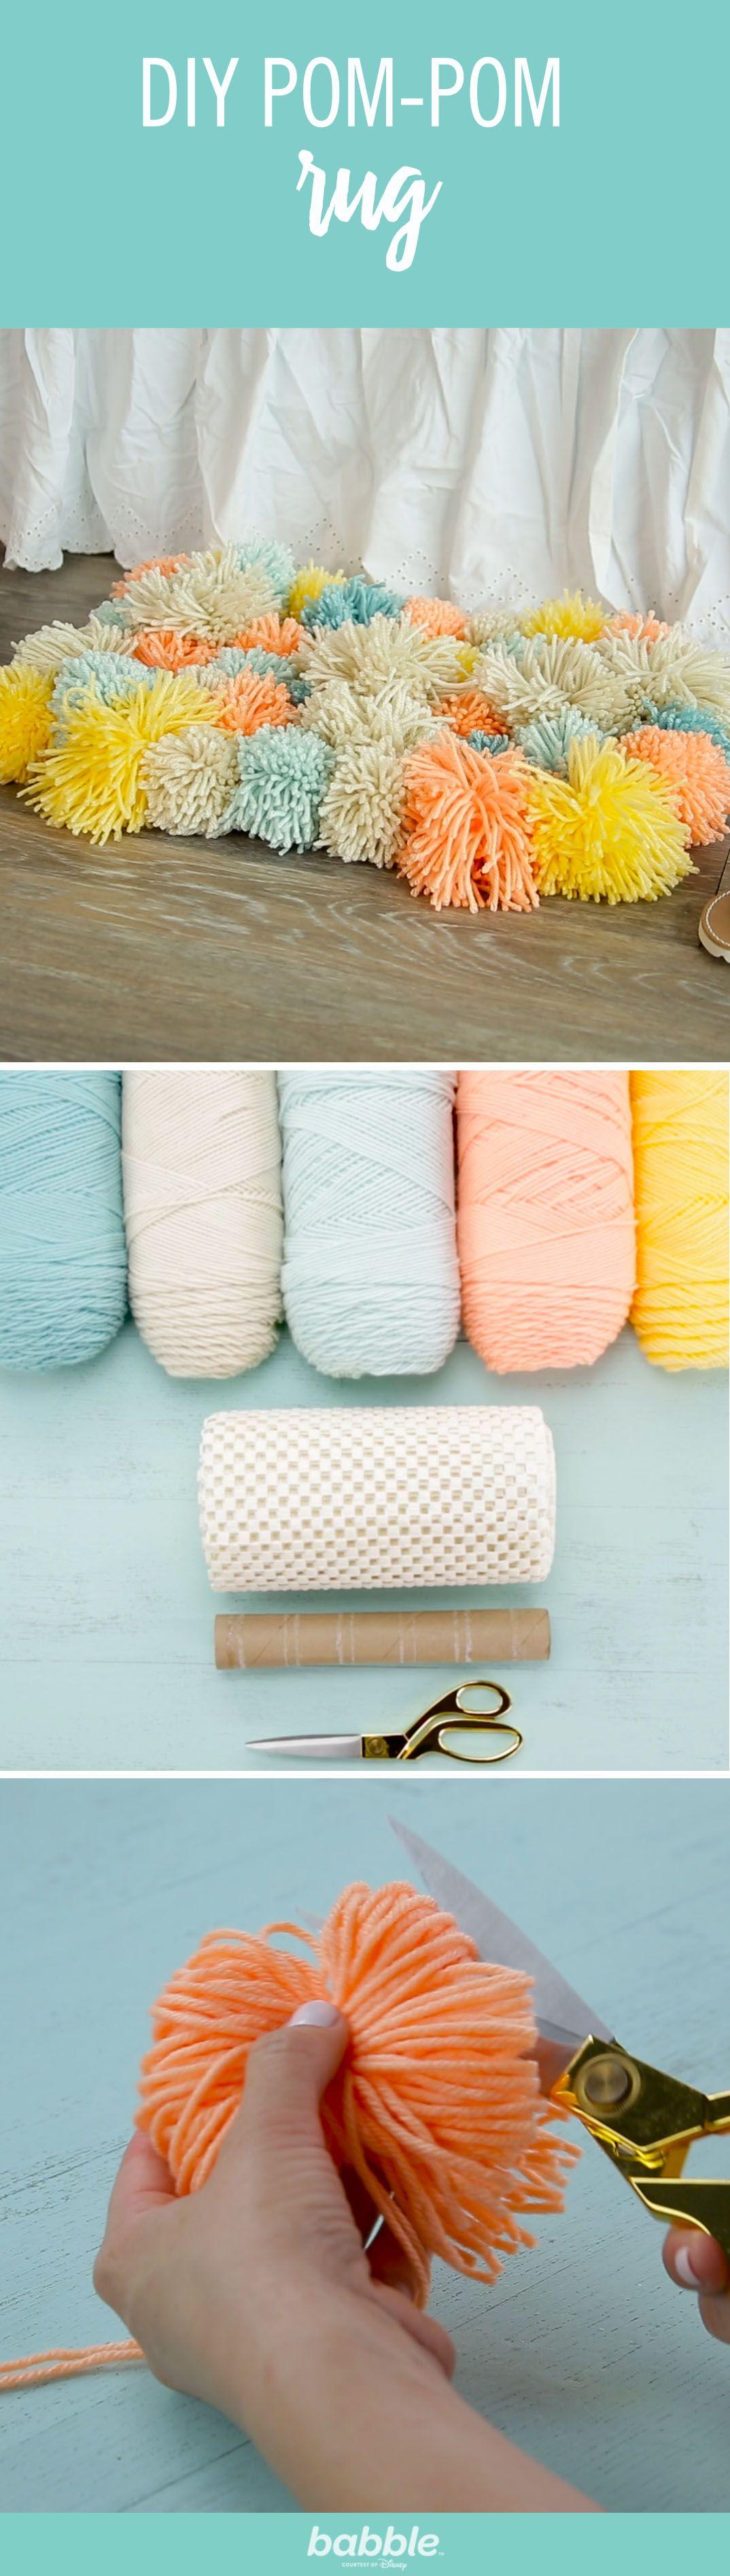 DIY Pom-Pom Rug | Pom pom rug, Paper towel rolls and Simple diy for Diy Carpet Yarn  56mzq